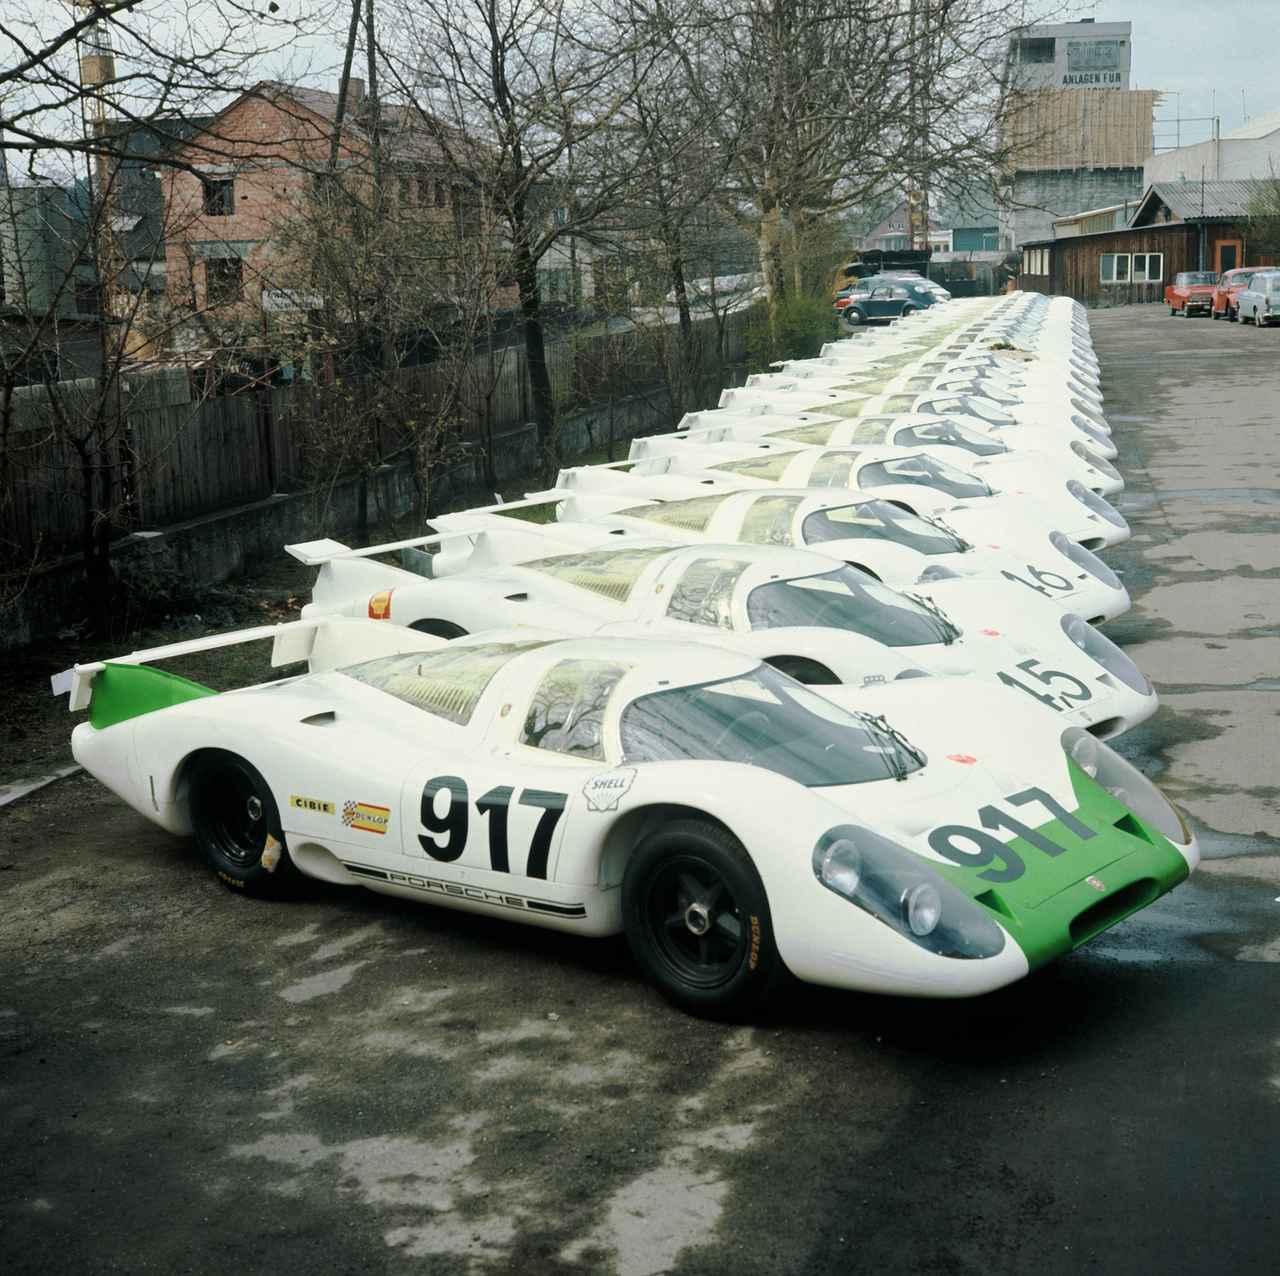 Images : 5番目の画像 - 「【ポルシェ917の記憶②】ル・マンを制覇するために生まれたマシンが「917」だった」のアルバム - Webモーターマガジン